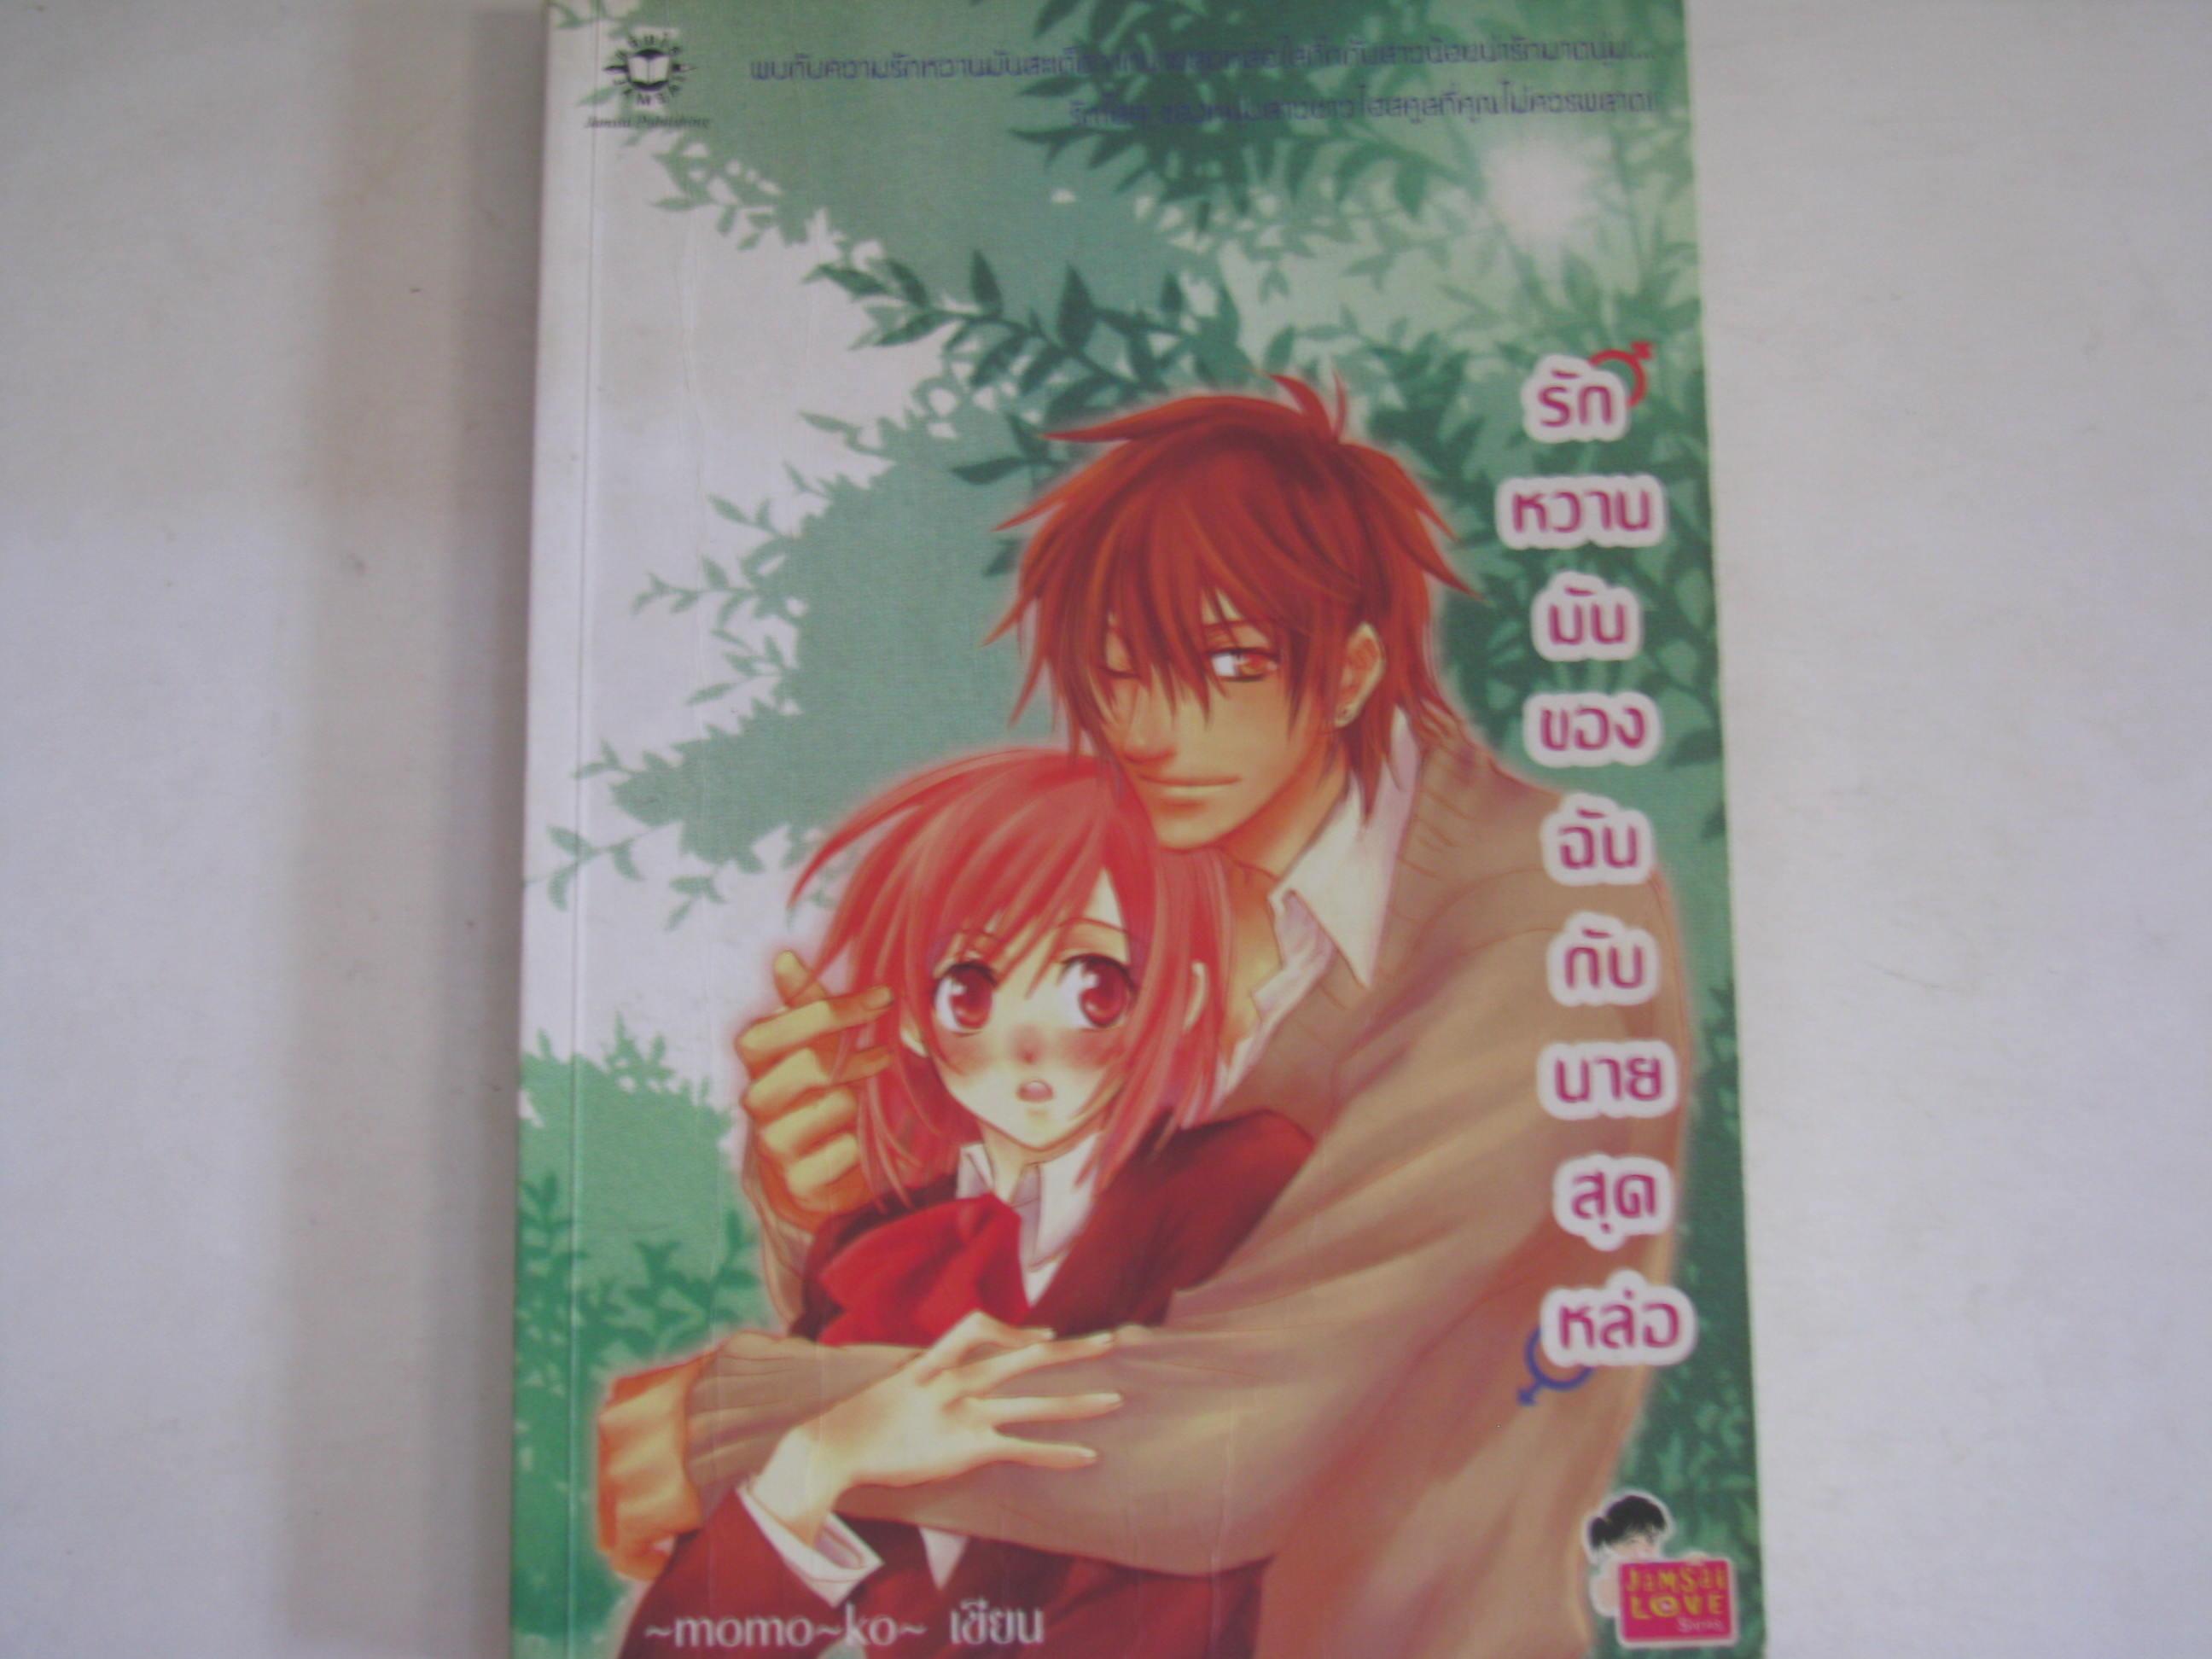 รักหวานมันของฉันกับนายสุดหล่อ momoko เขียน***สินค้าหมด***